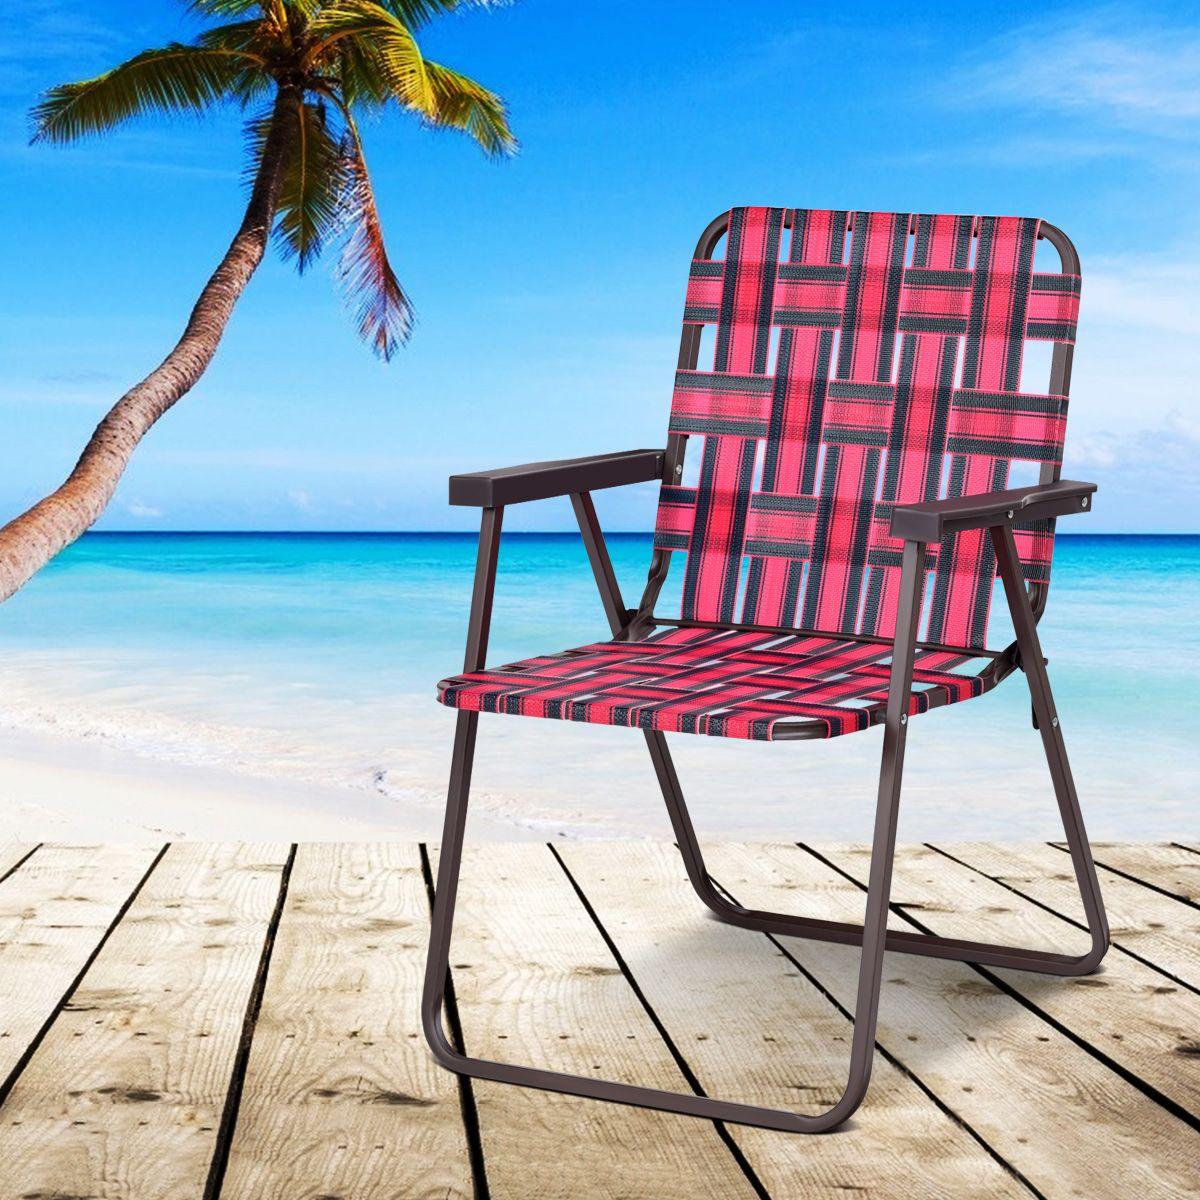 Costway 6 Sedie Pieghevoli Per Spiaggia Da Campeggio Con Braccioli Sku Op3642re Nel 2020 Sedie Sedie Pieghevoli Campeggio